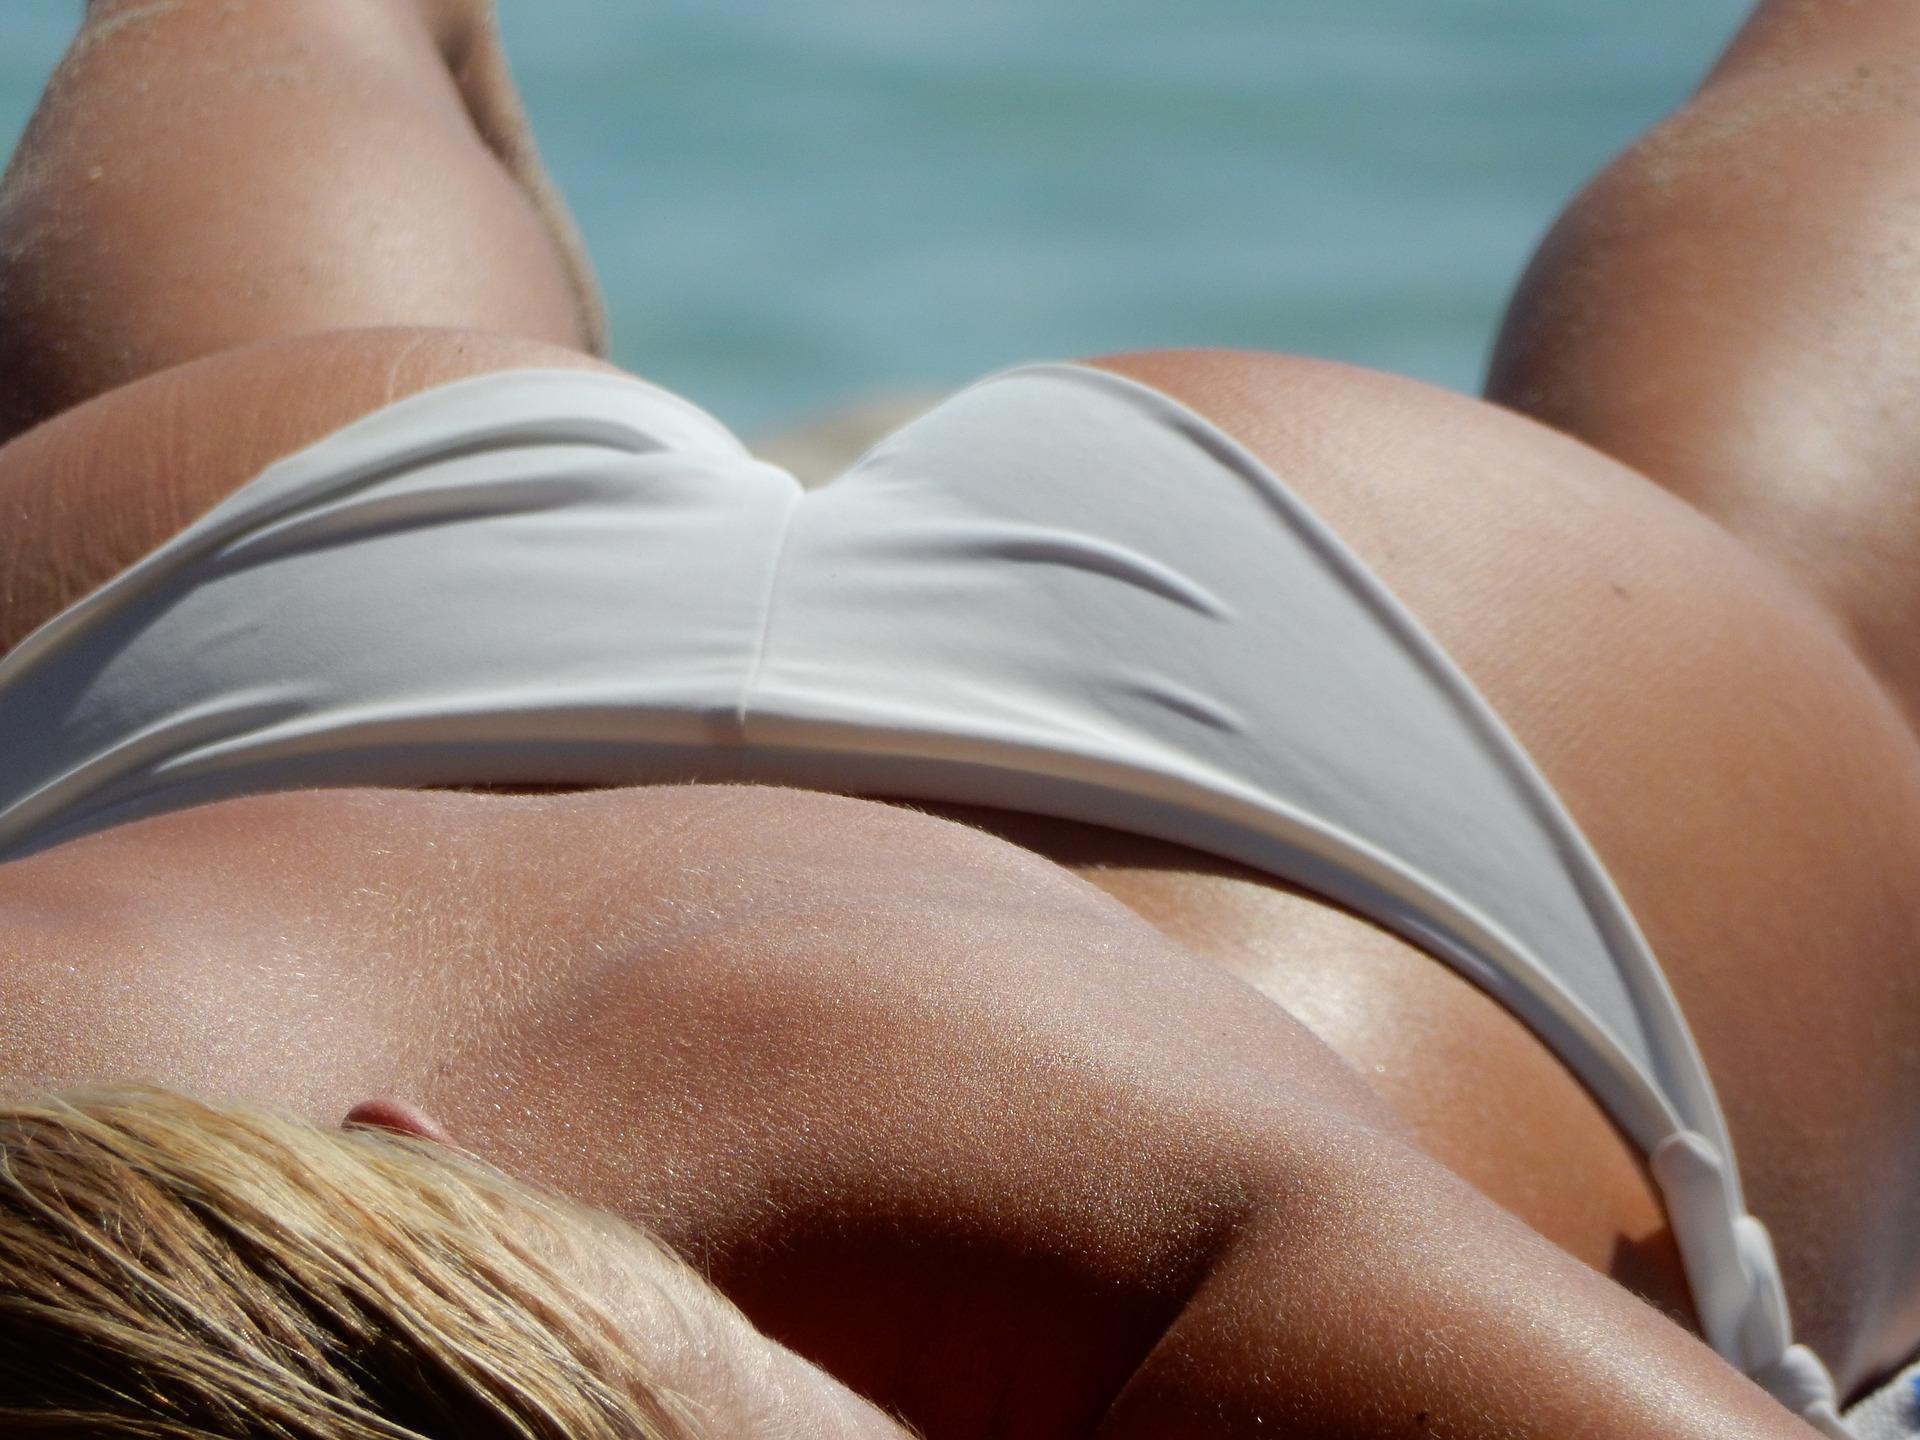 bikini-2194704_1920.jpg